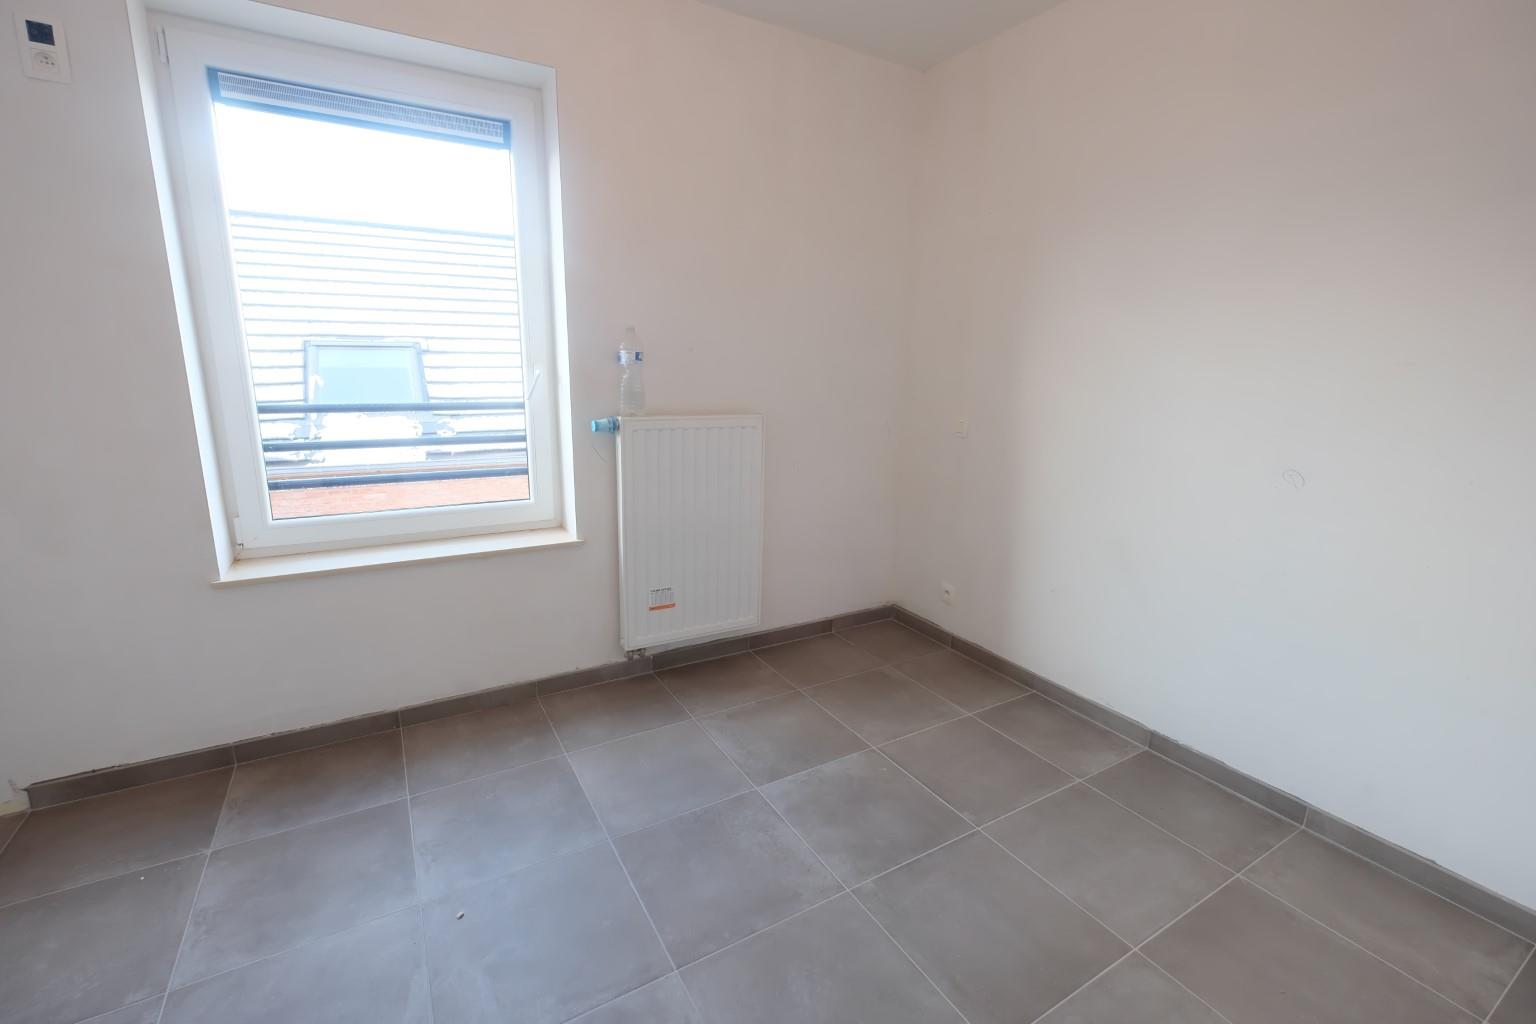 Appartement - Braine-le-Comte - #3249013-2